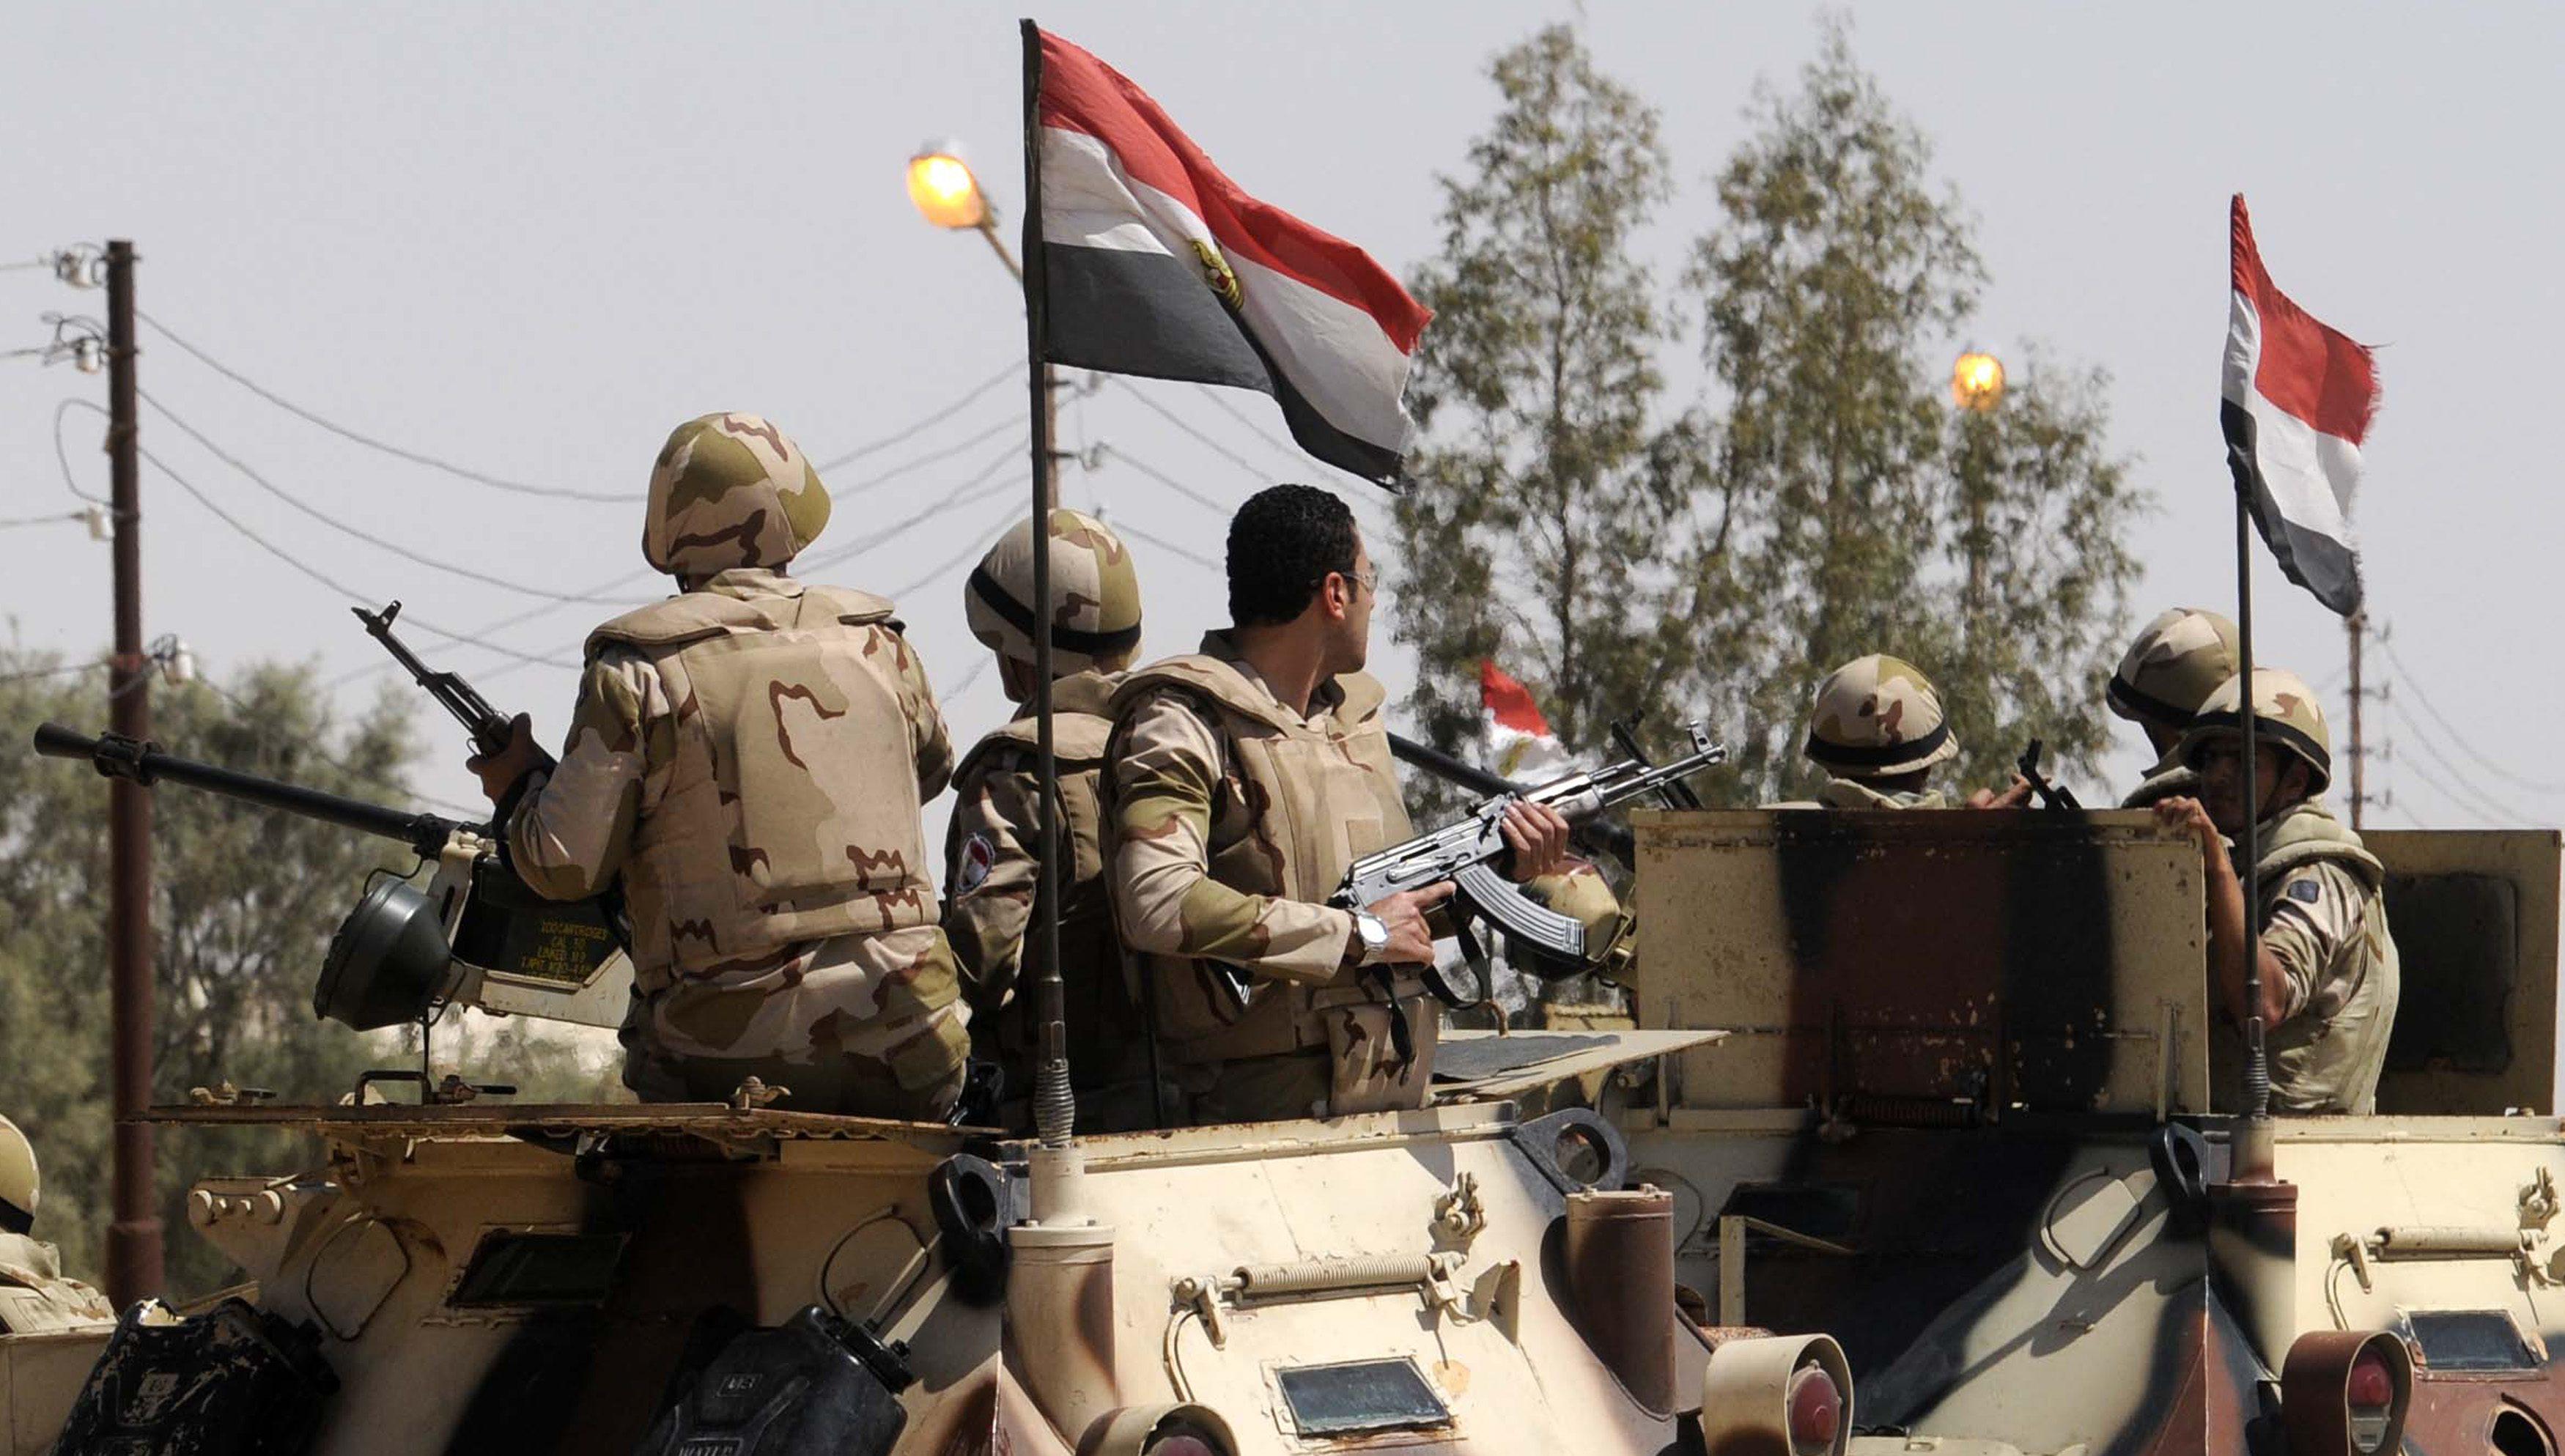 الجيش المصري يبدأ عمليات واسعة ضد المتشددين في سيناء